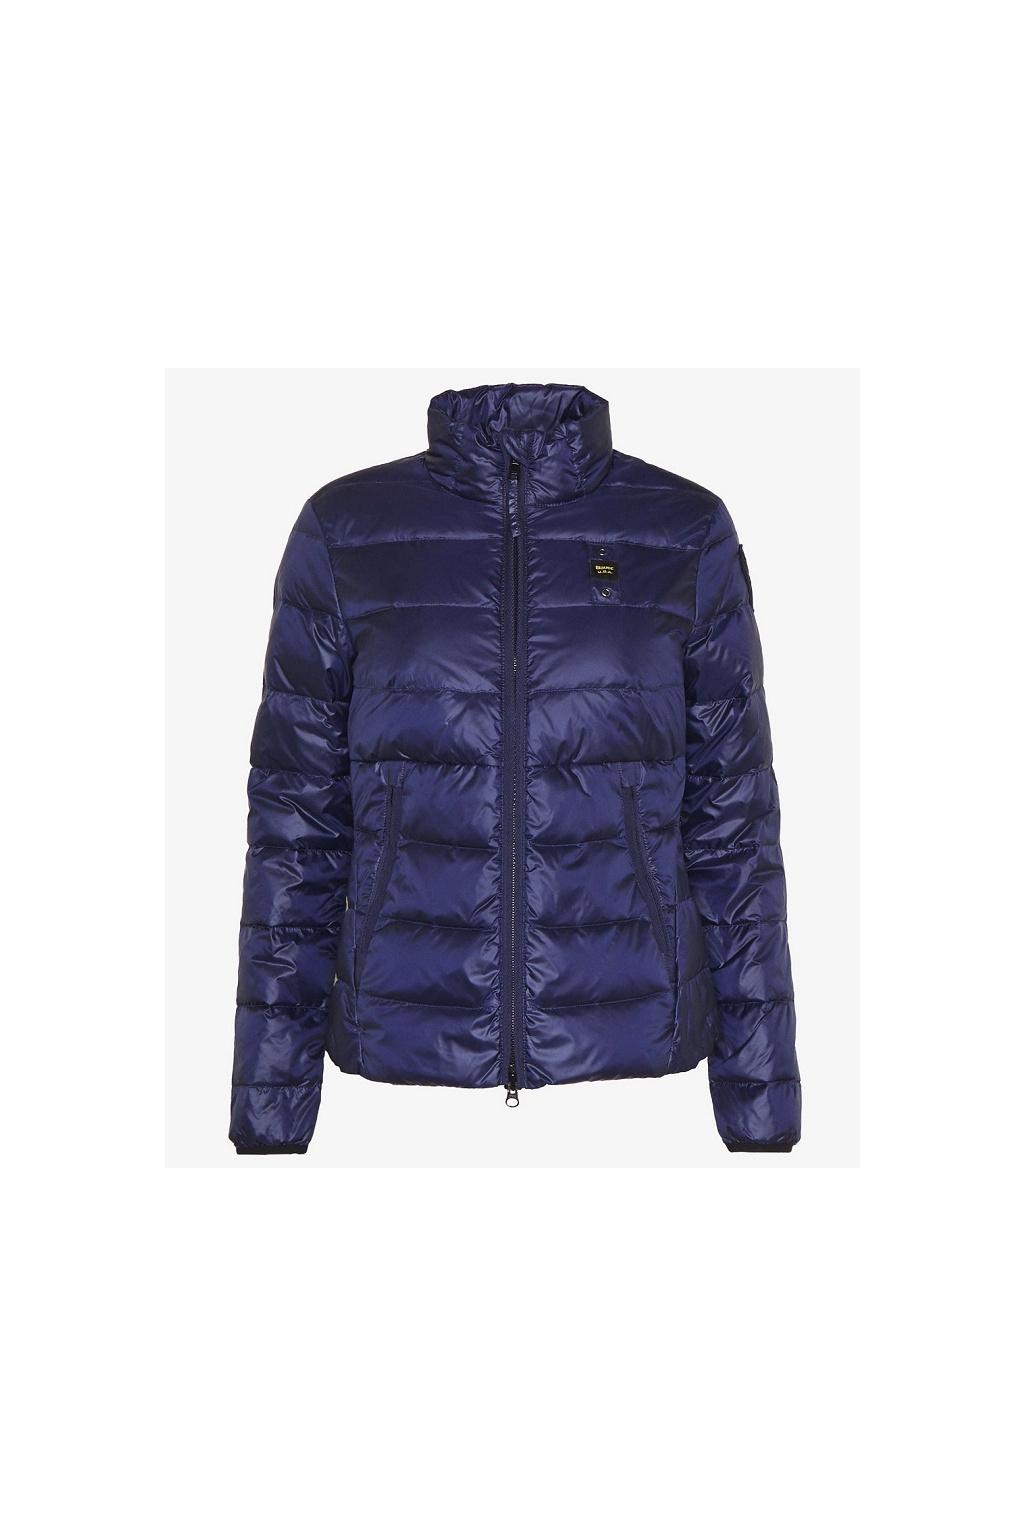 20SBLDC0 3029 Dámská bunda Blauer péřová modrá